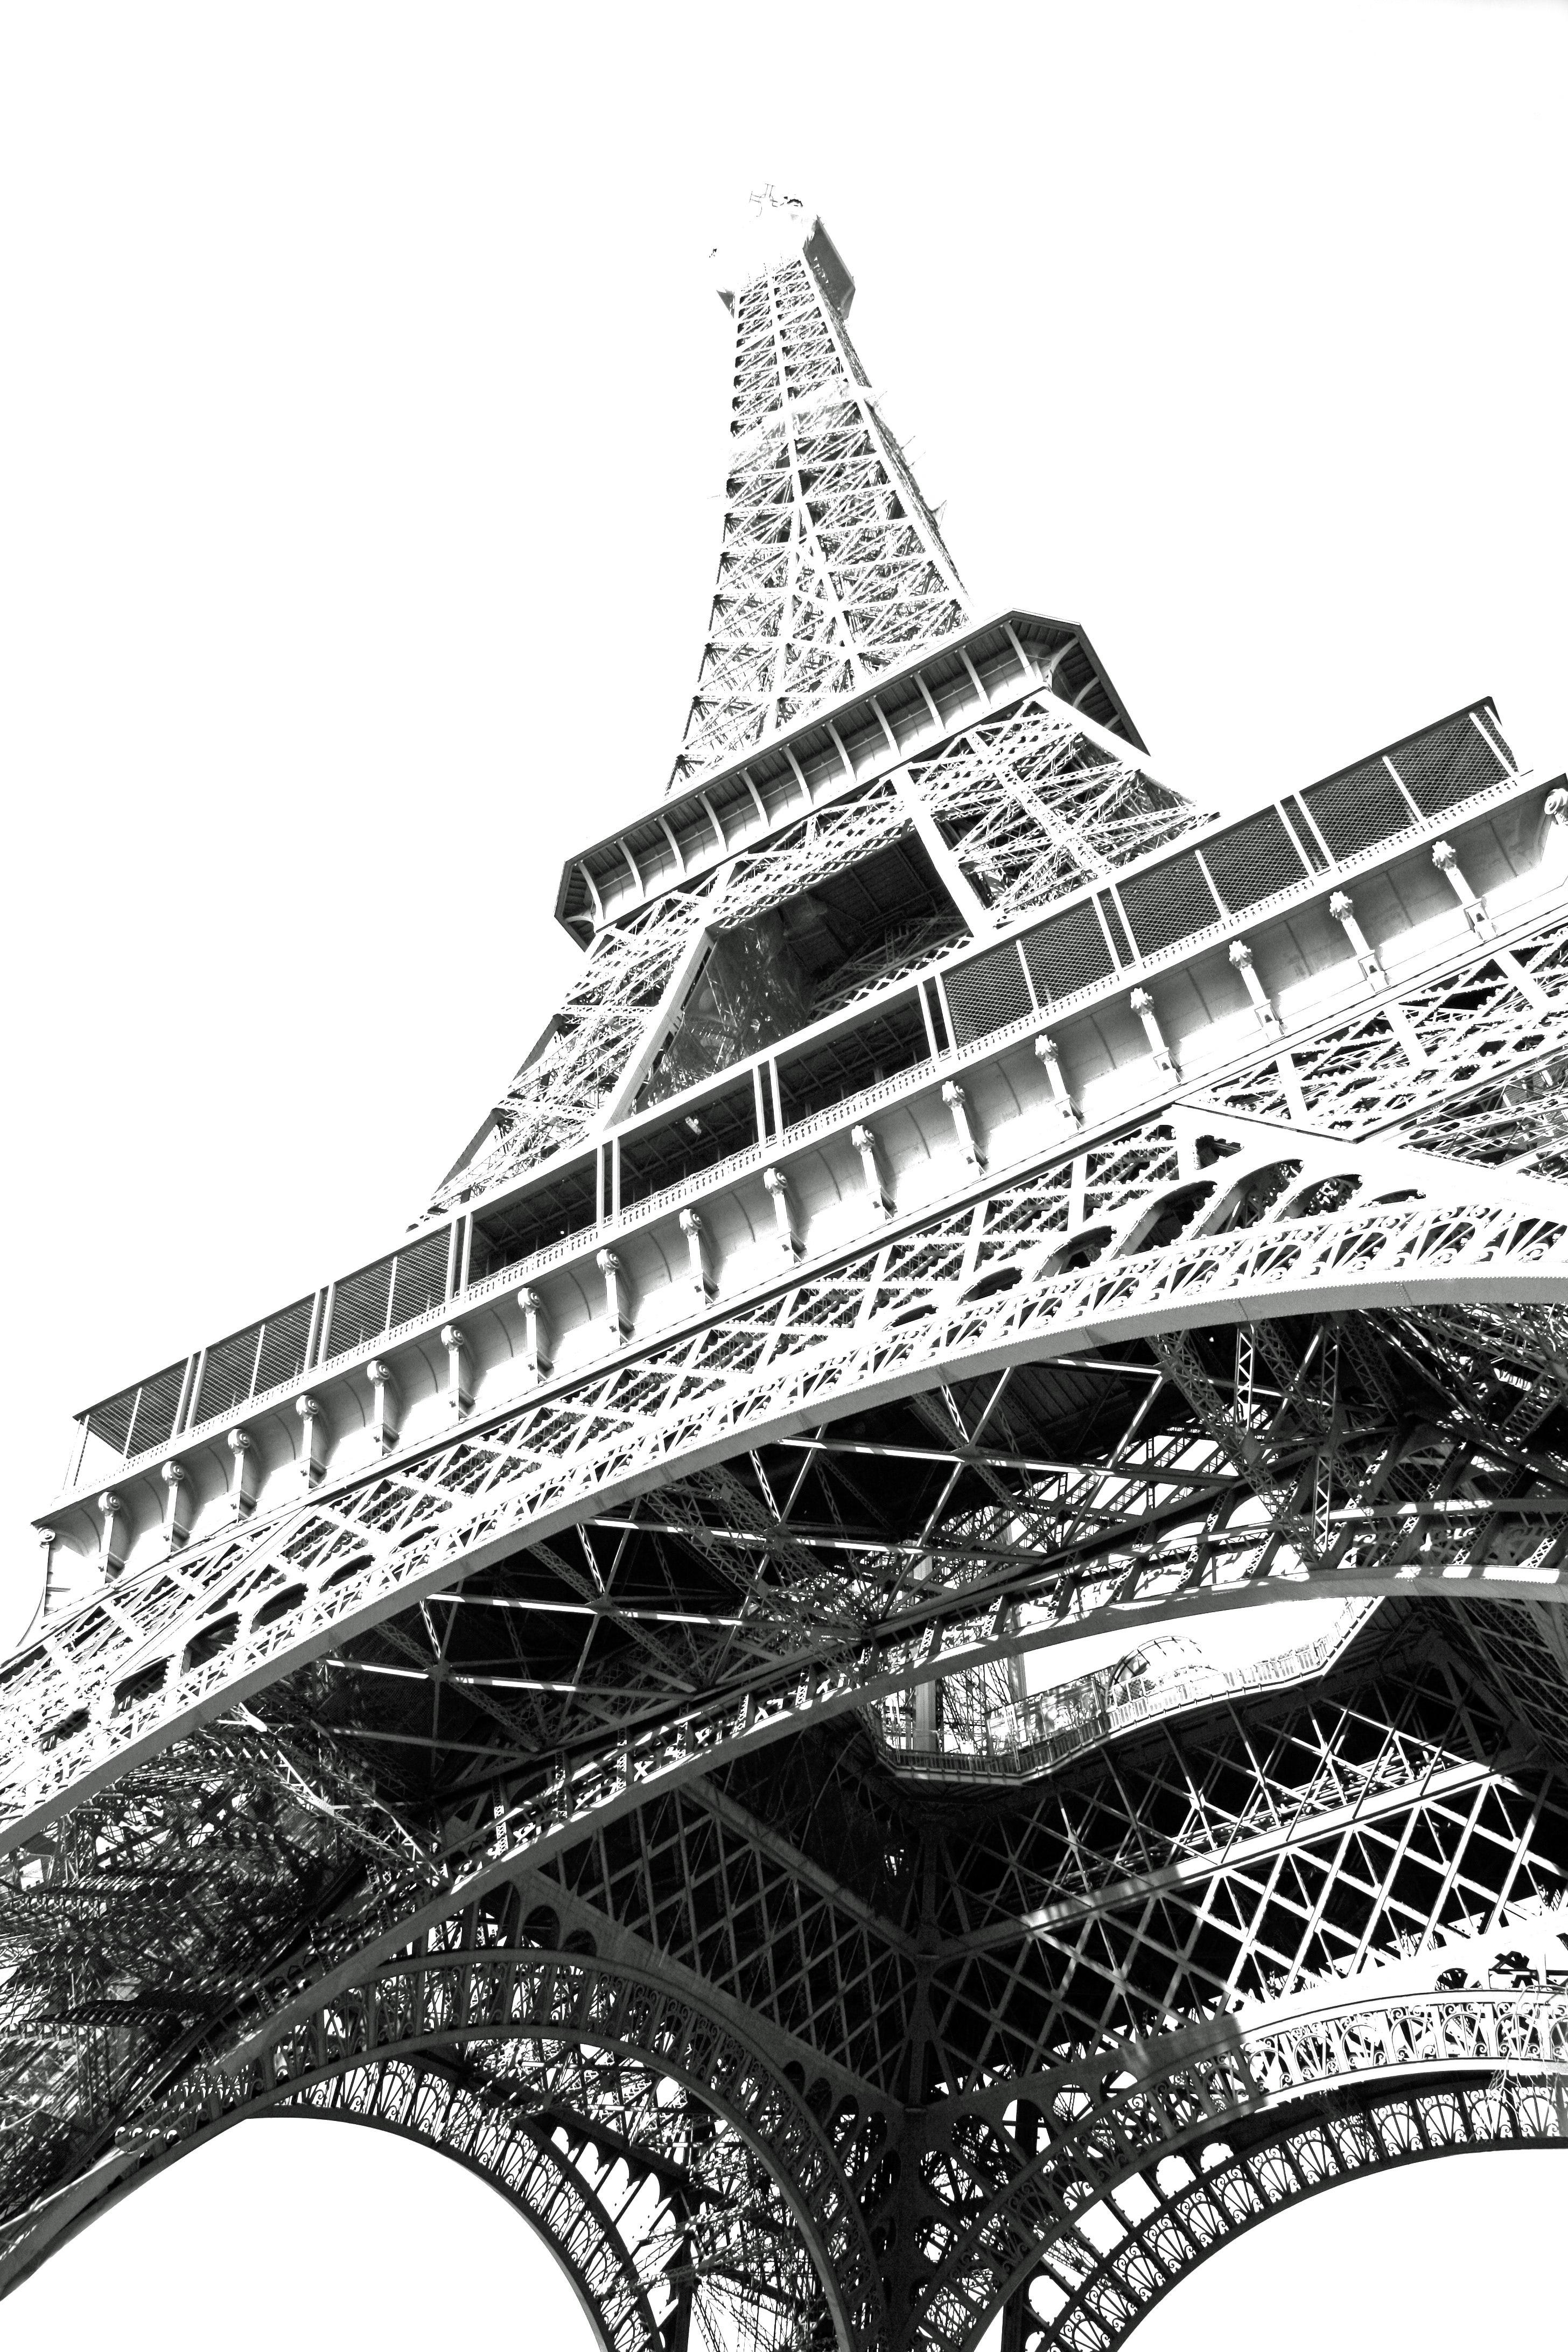 Download Gambar Sketsa Pemandangan Menara Eiffel